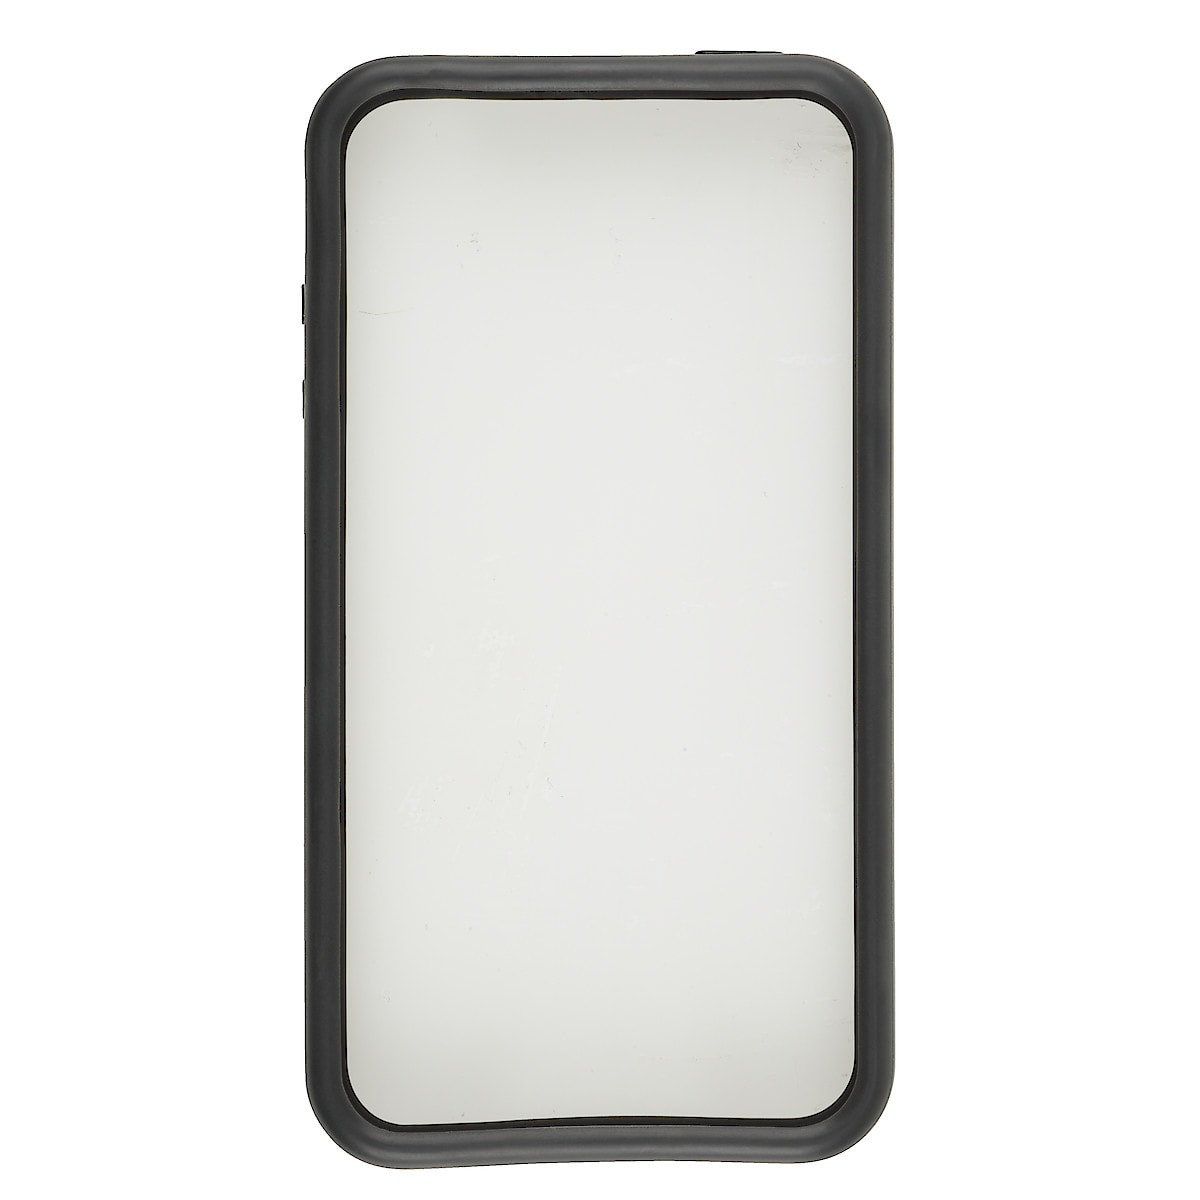 Stötskydd för iPhone 4, Xqisit